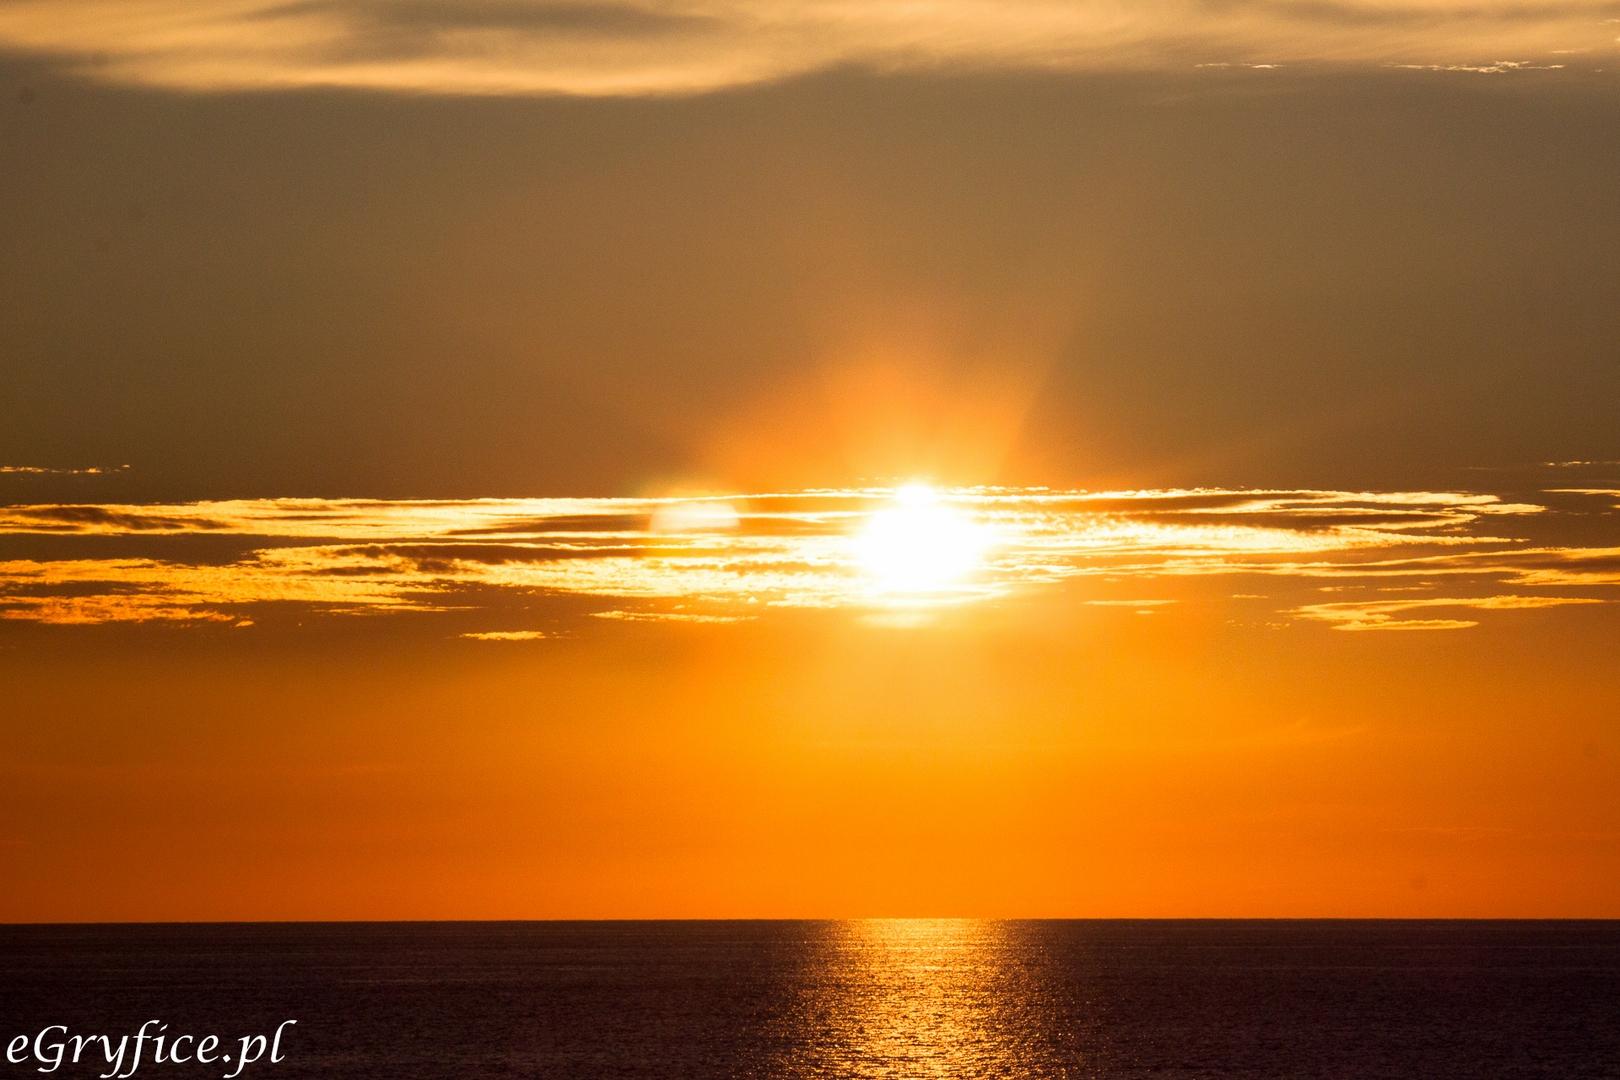 Zachód słońca w Mrzeżynie, piękne kolory zachodzącego słońca. Szukasz tanich noclegów w Mrzeżynie, żeby wypocząć nad Bałtykiem i naładować baterie? Czekają kwatery, pensjonaty i hotele.